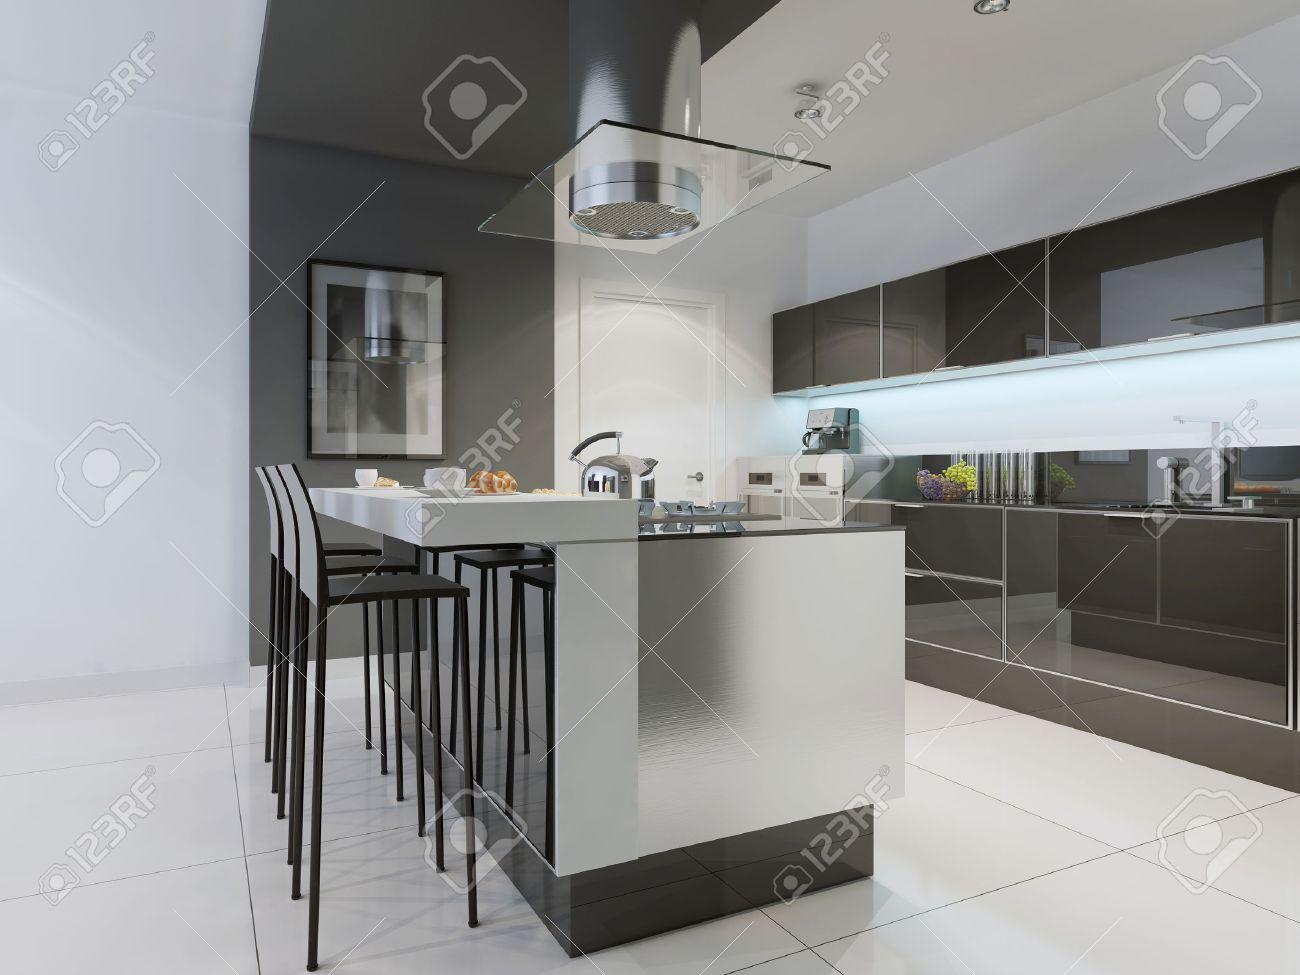 Diseño de la cocina moderna con isla. Gabinetes de pantalla plana, muebles  de color negro brillante, luces de techo y pisos de color blanco. 3D ...